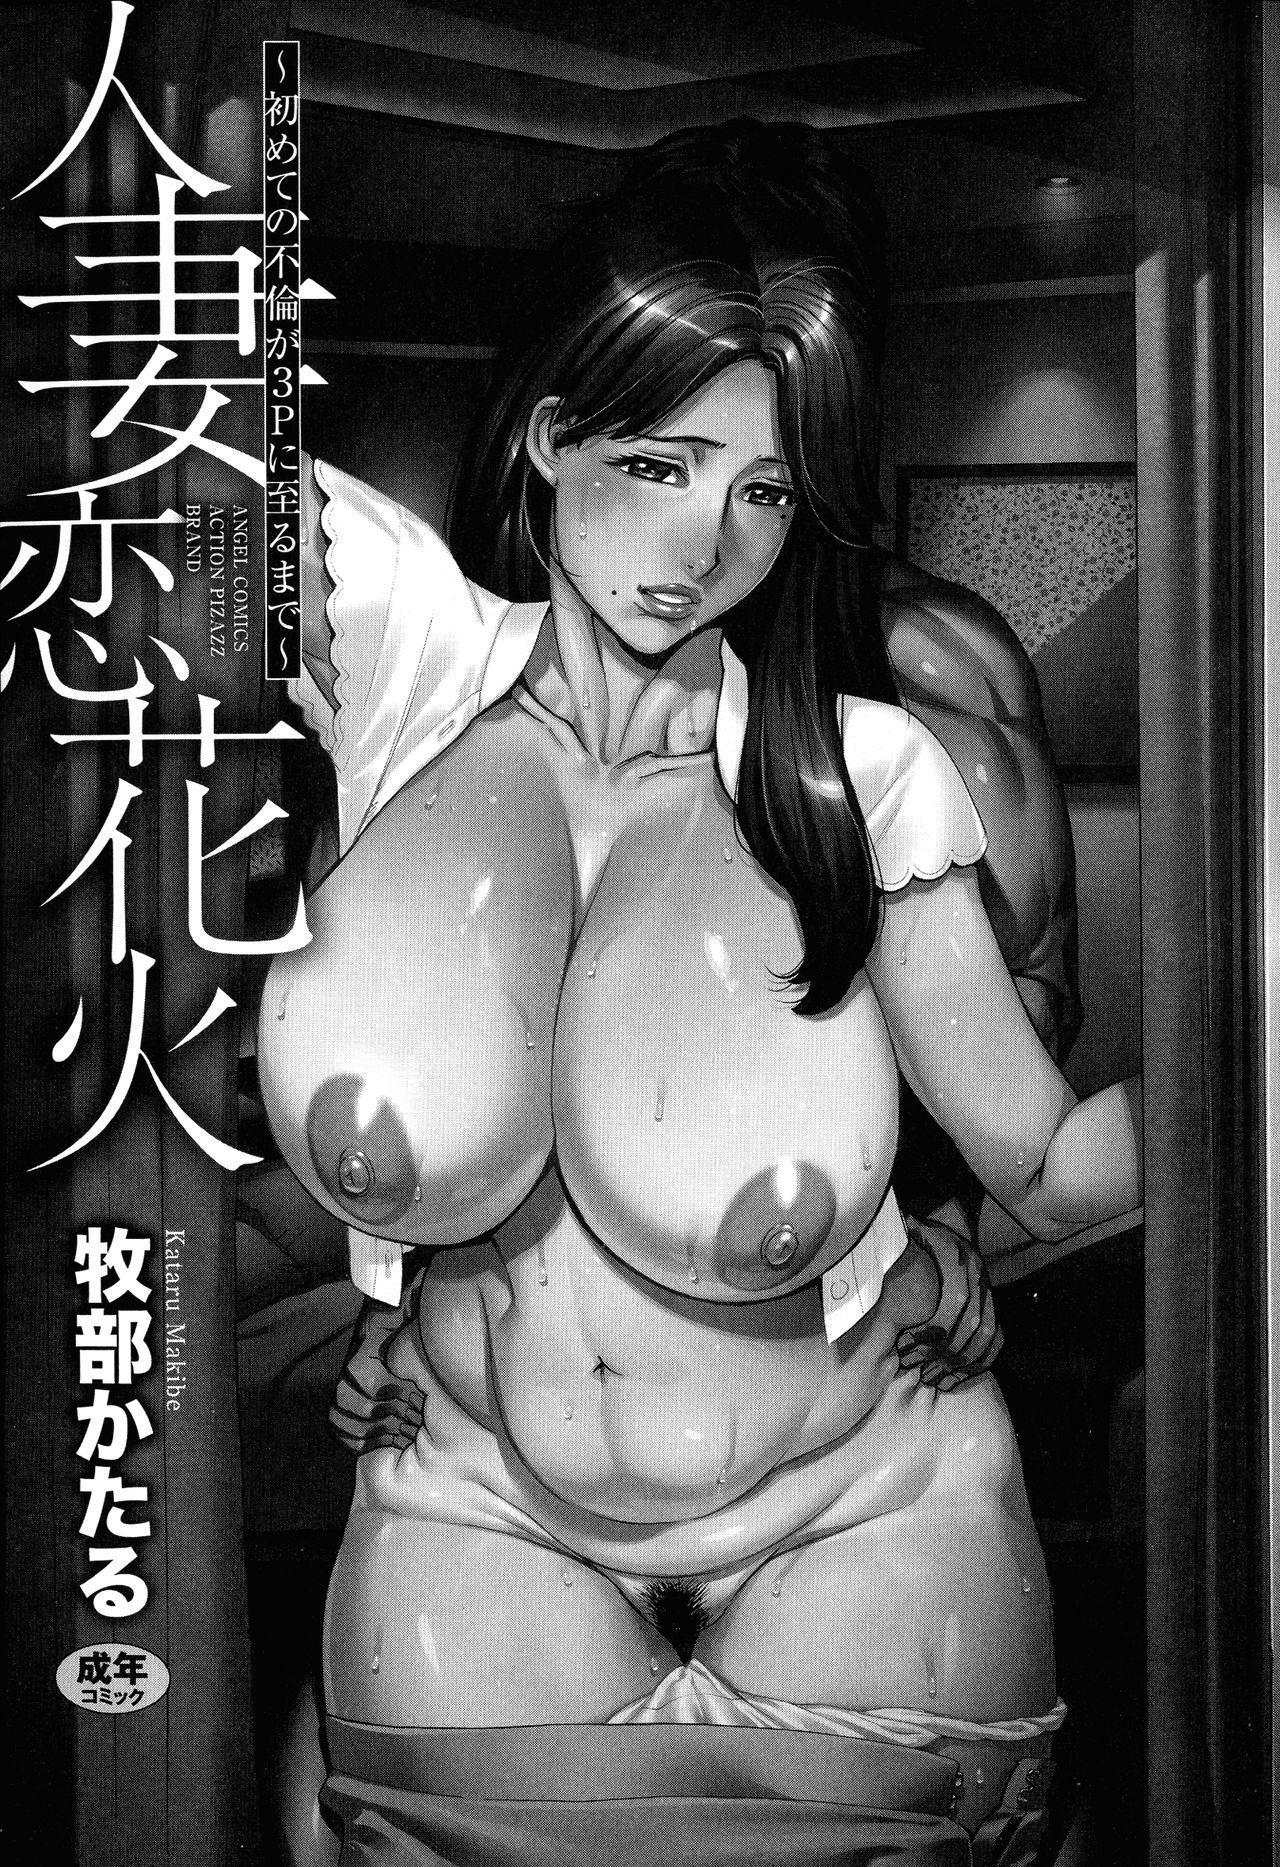 [Makibe Kataru] Hitozuma Koi Hanabi ~Hajimete no Furin ga 3P ni Itaru made~ Ch.1-9 [English] {Doujins.com} 6